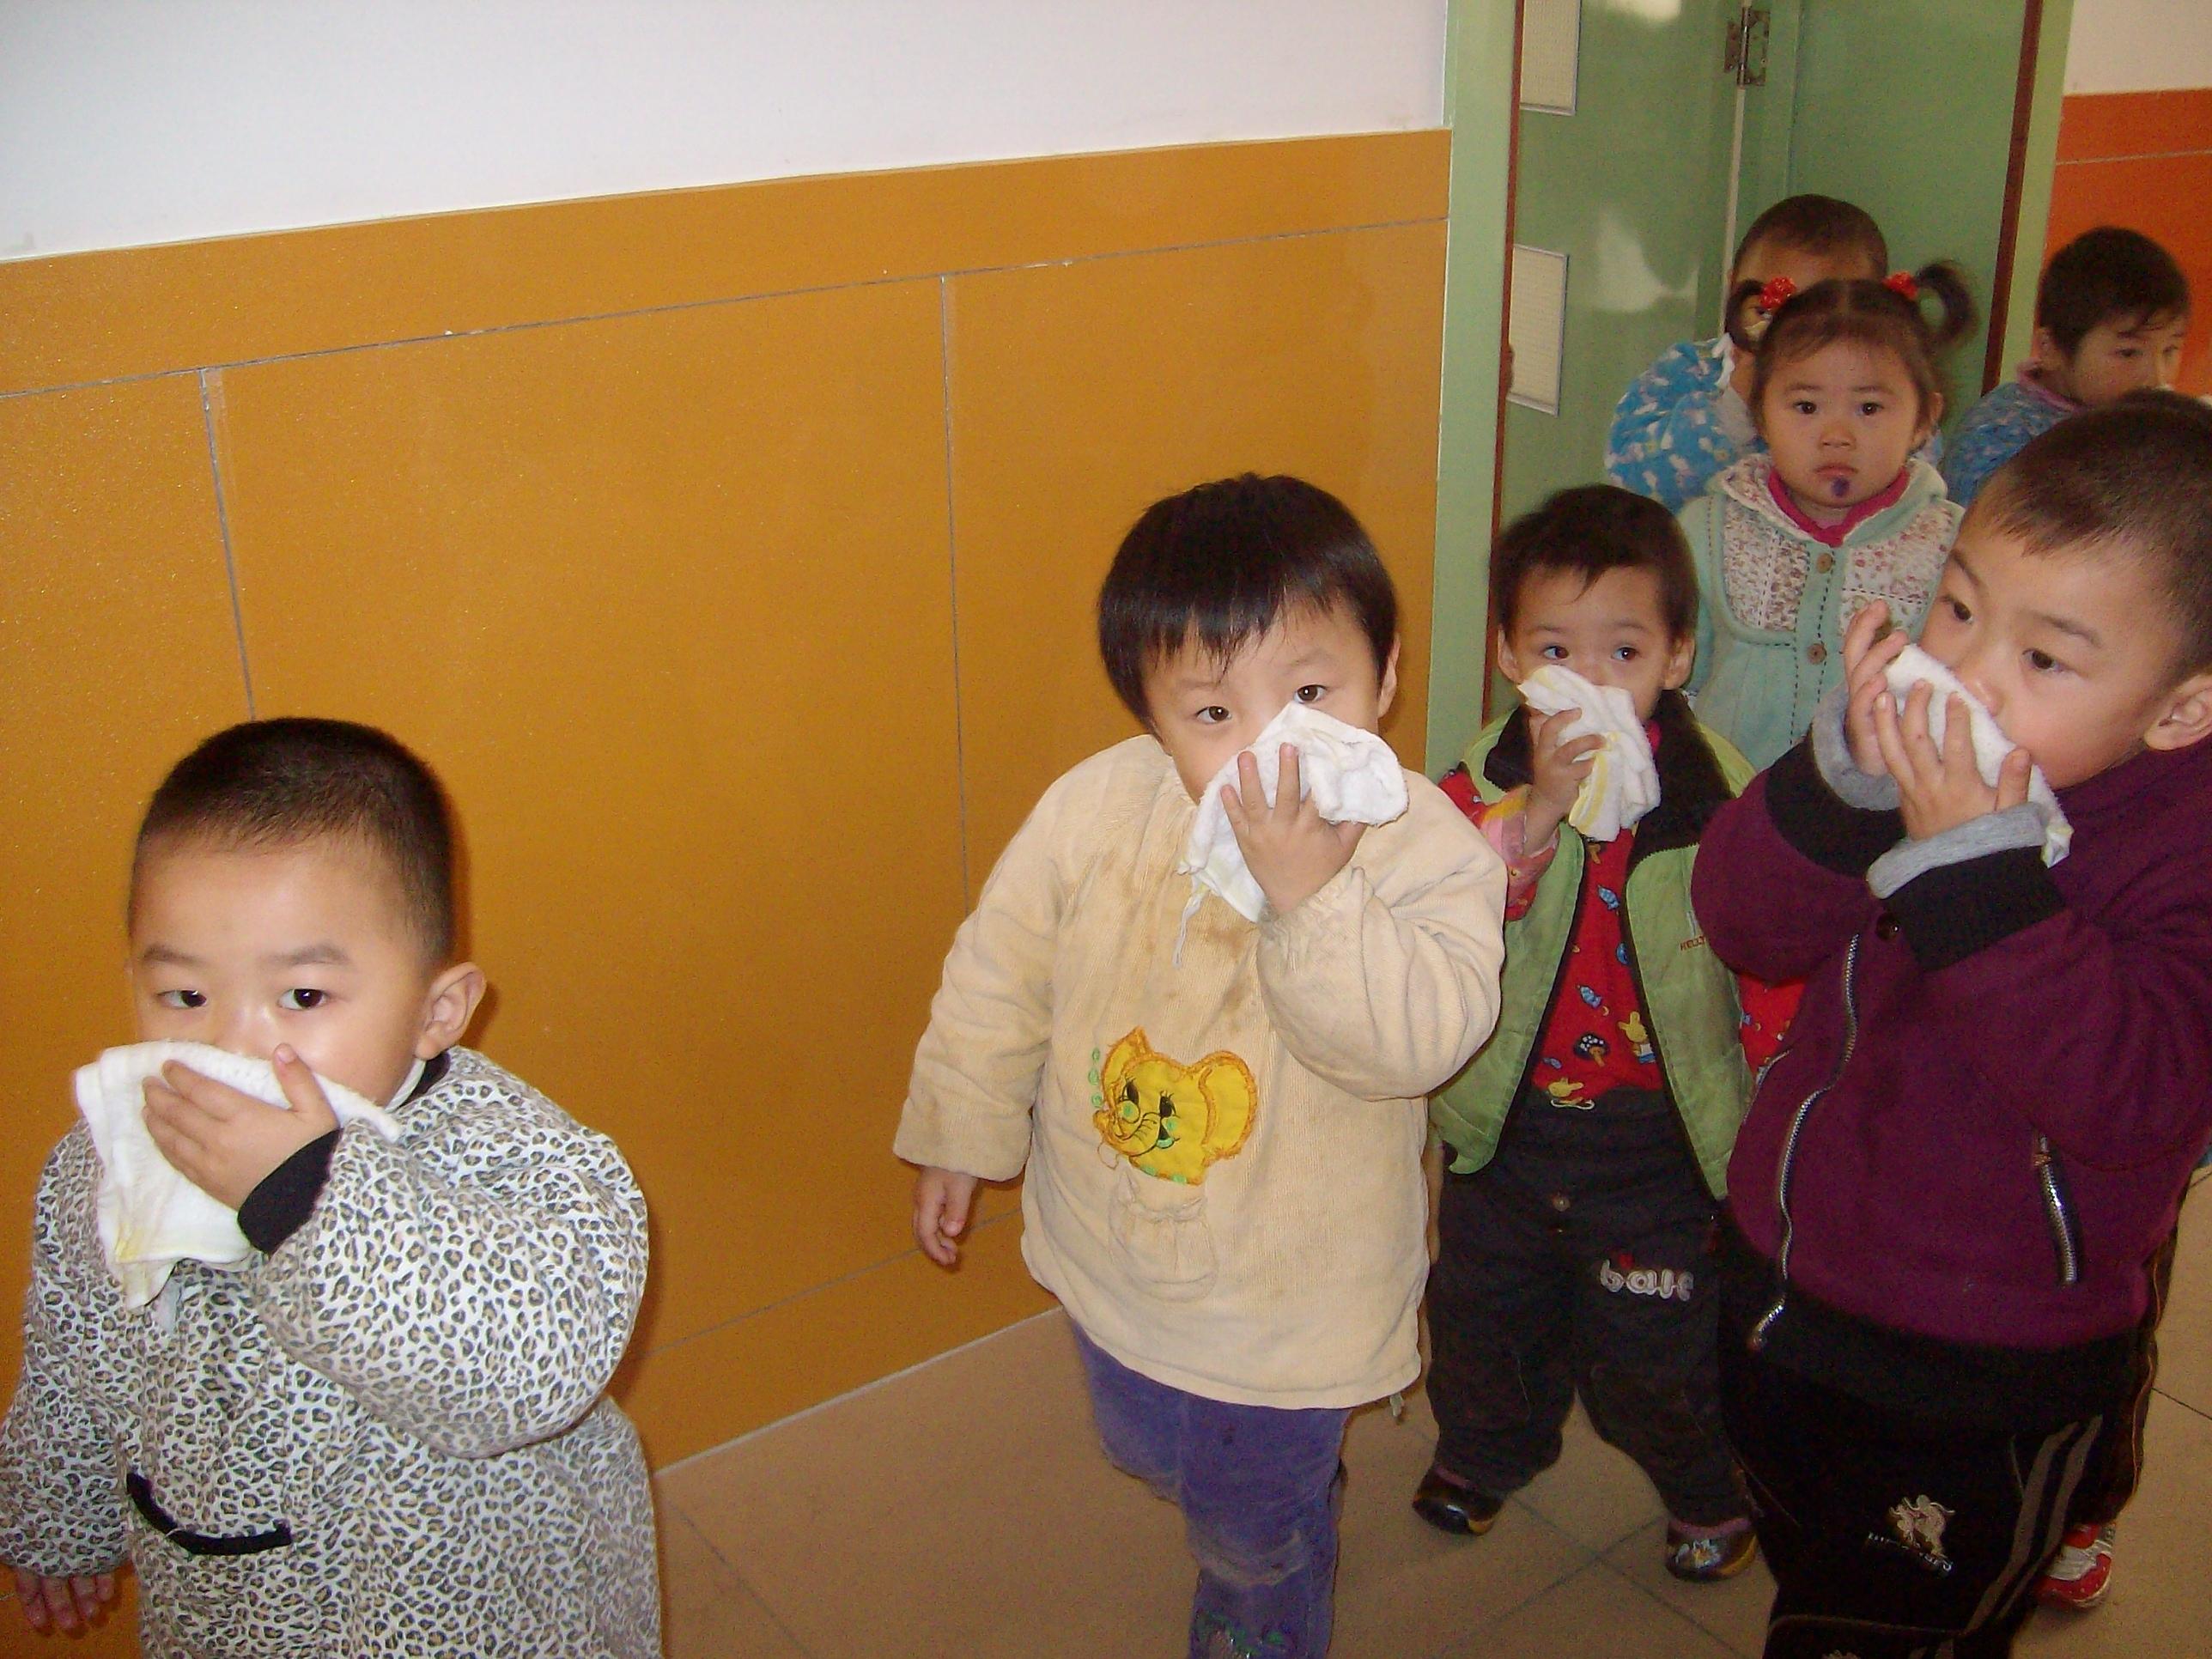 演练活动开始,警报声响起,各班老师带领幼儿取下浸湿的小毛巾,捂住口鼻,弯下身子迅速撤离活动室;然后,在老师的指挥和带领下,按照安全疏通路线有序的快步走向楼梯;最后,通过两个安全出口,全体人员集合到空旷的操场上,清点人数。演练活动历时3分钟,全部完毕。